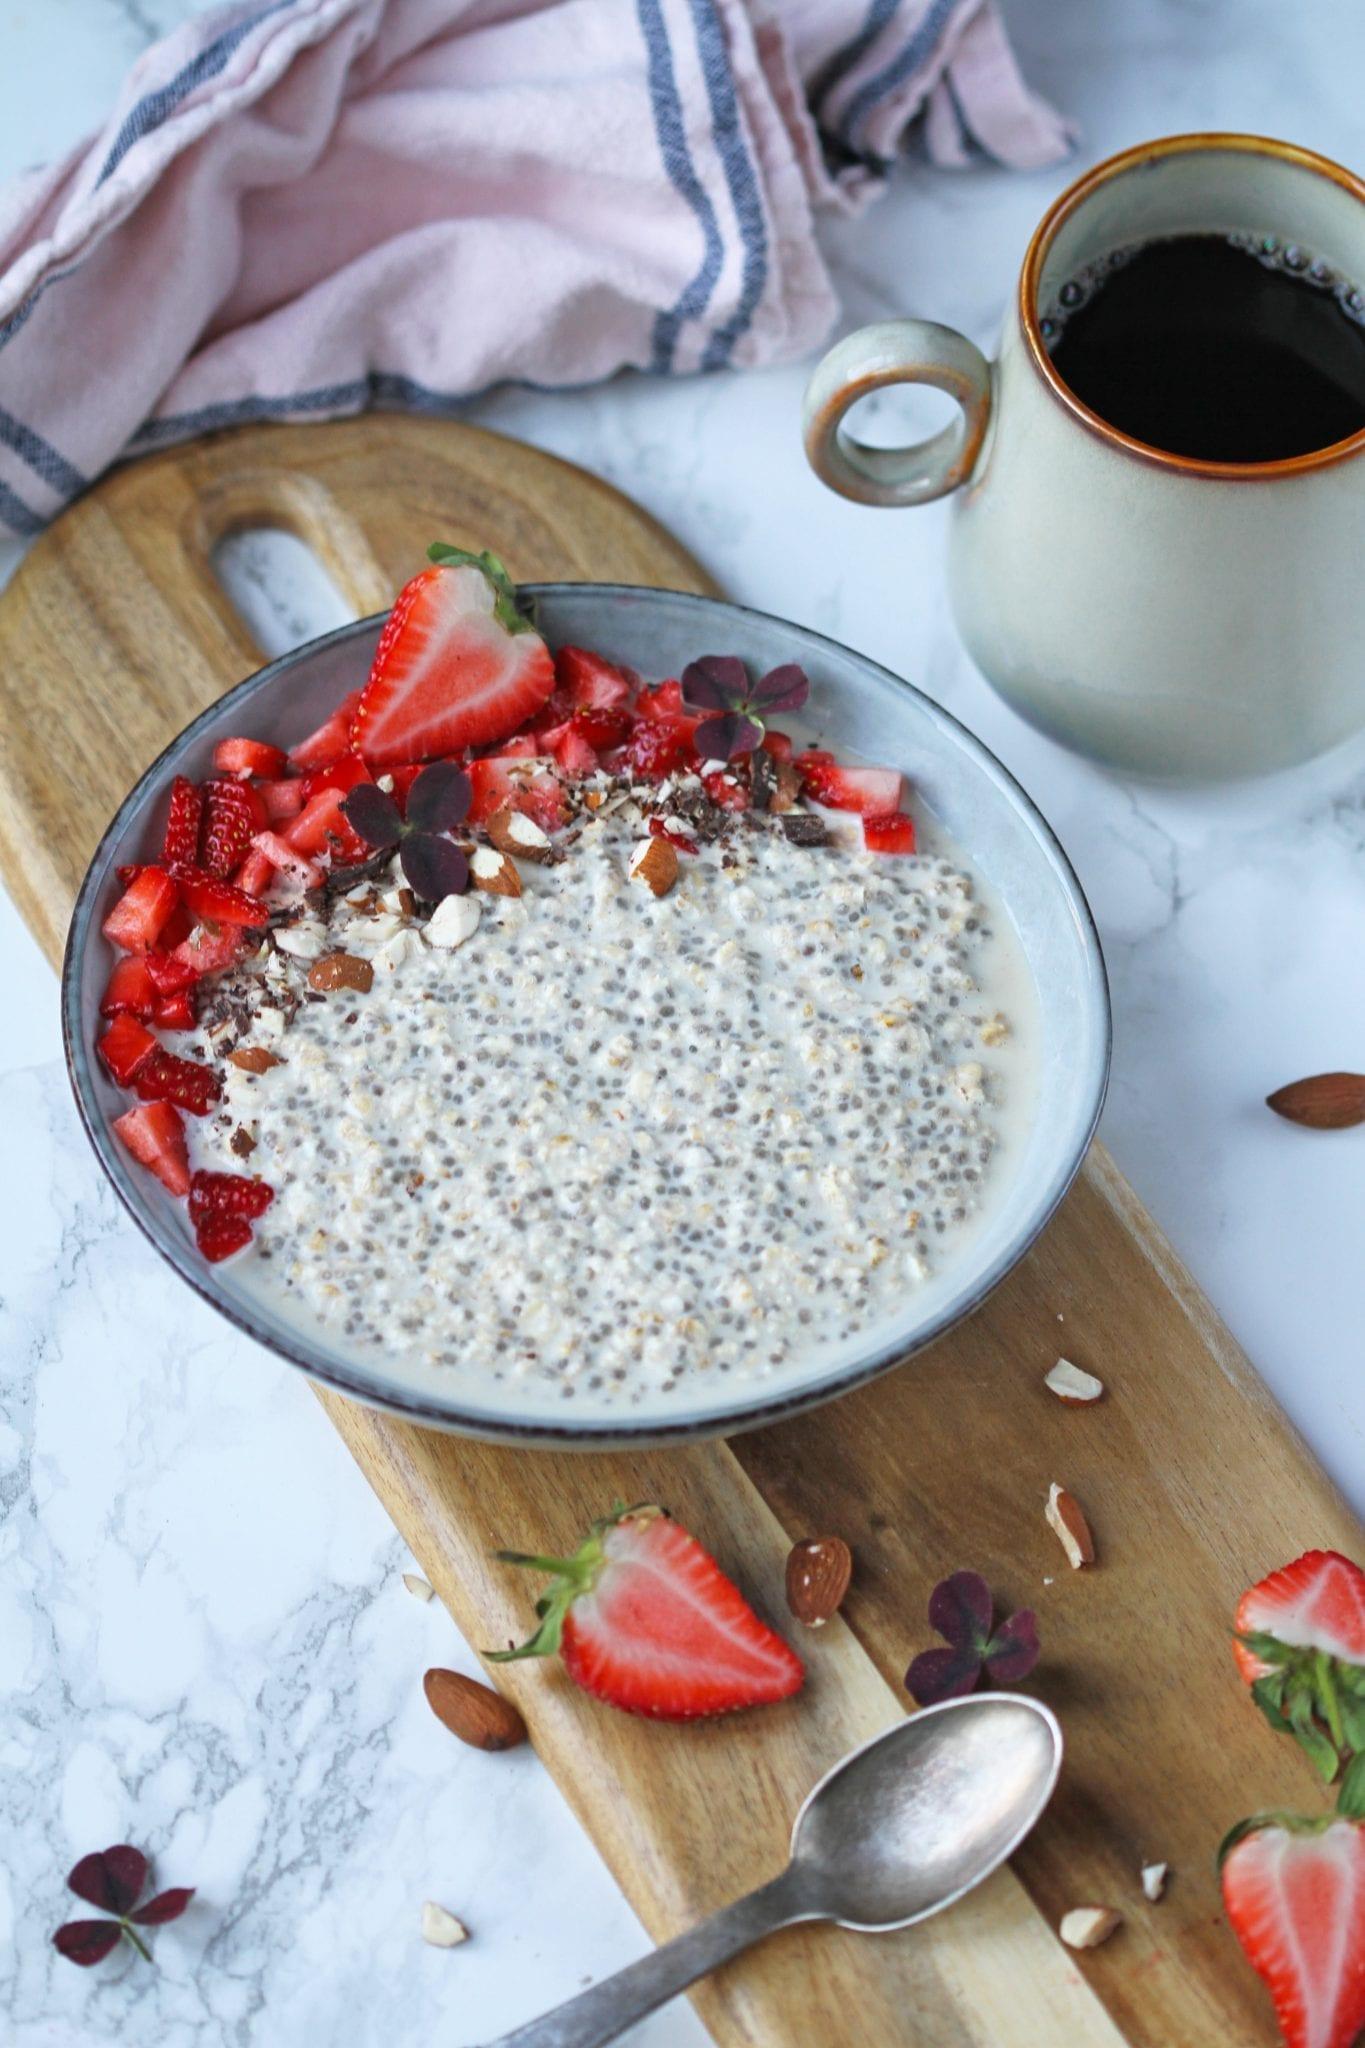 Overnightoatsmed lakridsogjordbær Overnight oats med lakrids og jordbær